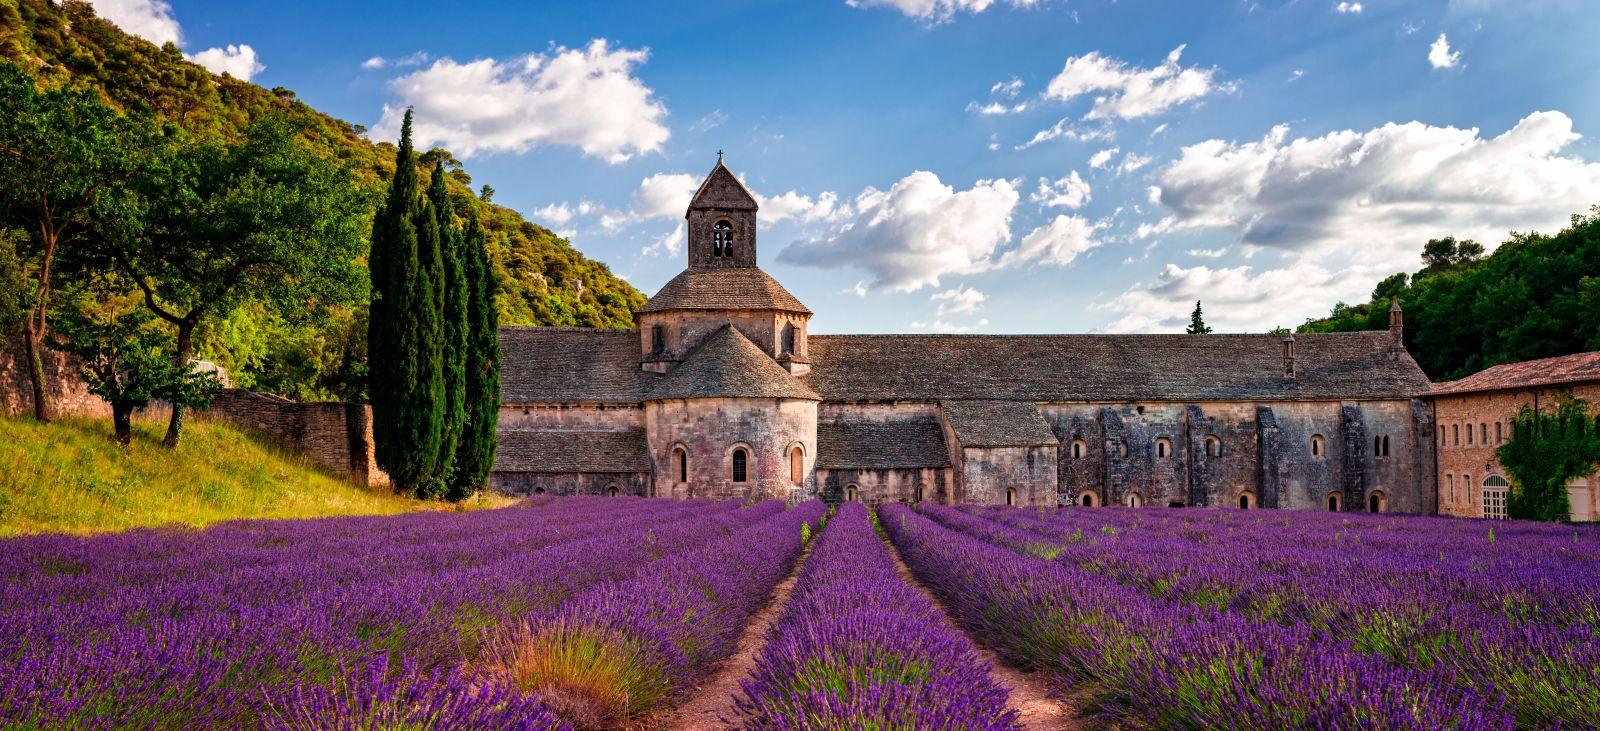 Lavendelfelder und alte Gemäuer in Frankreich